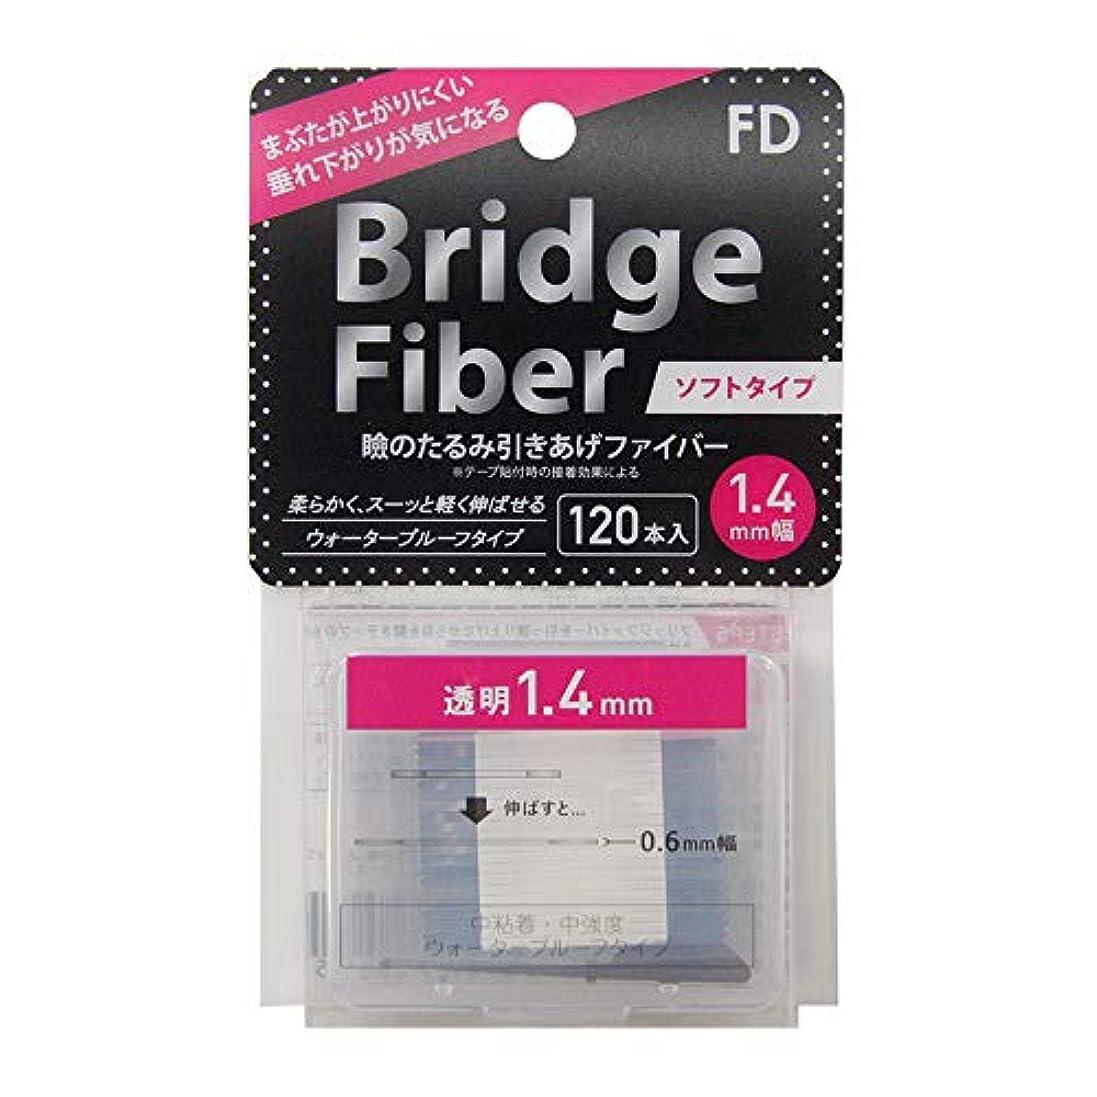 広大なライブ引用FD ブリッジソフトファイバー 眼瞼下垂防止テープ ソフトタイプ 透明1.4mm幅 120本入り